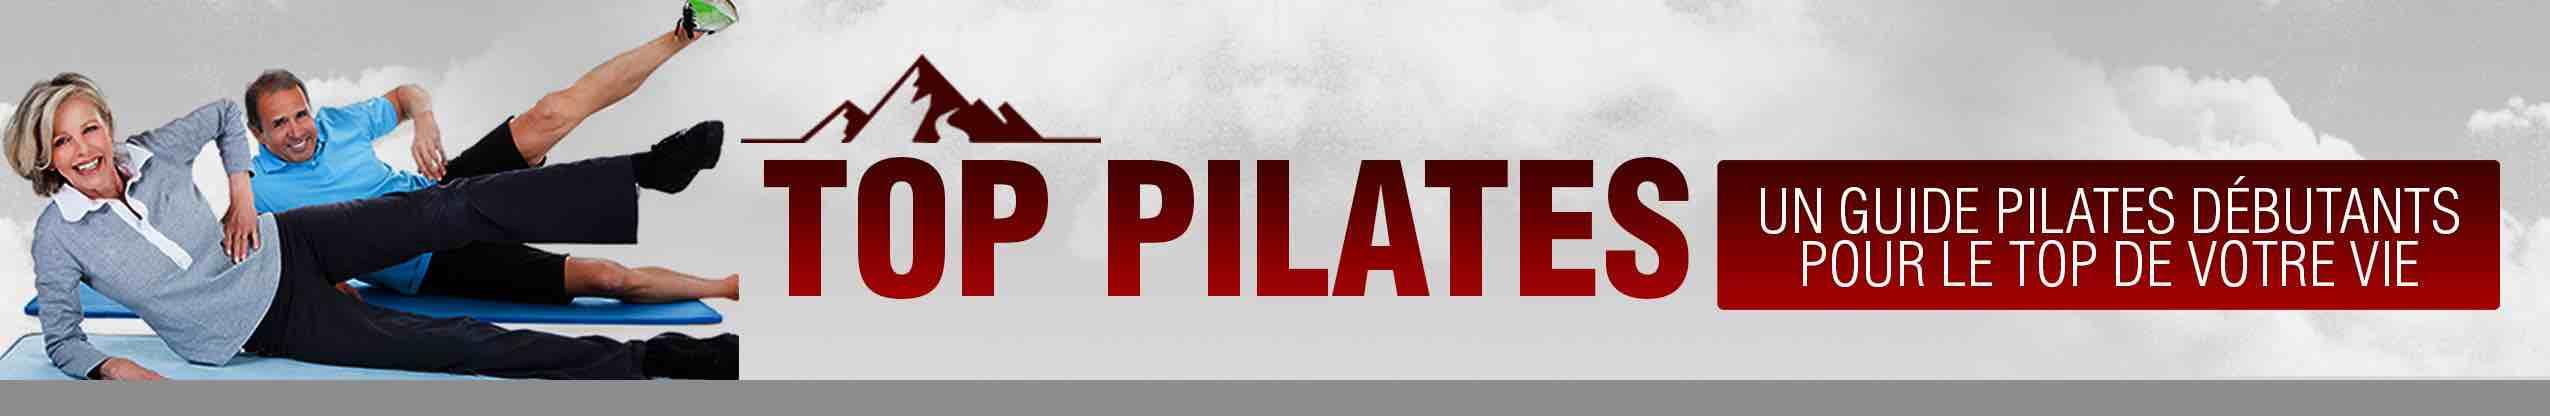 Pilates pour débutant